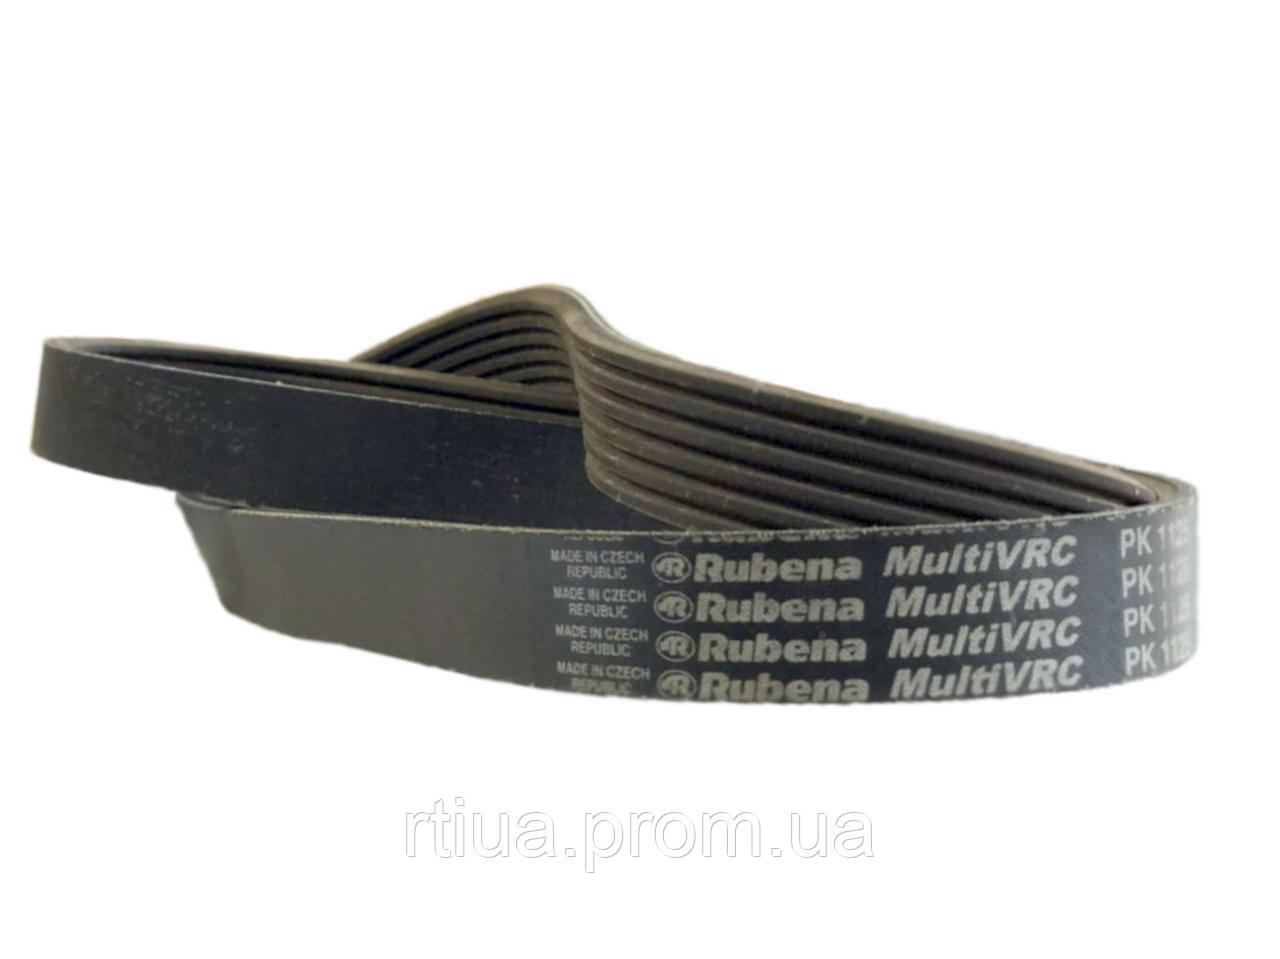 Ремень поликлиновой 4PK - 675 Rubena